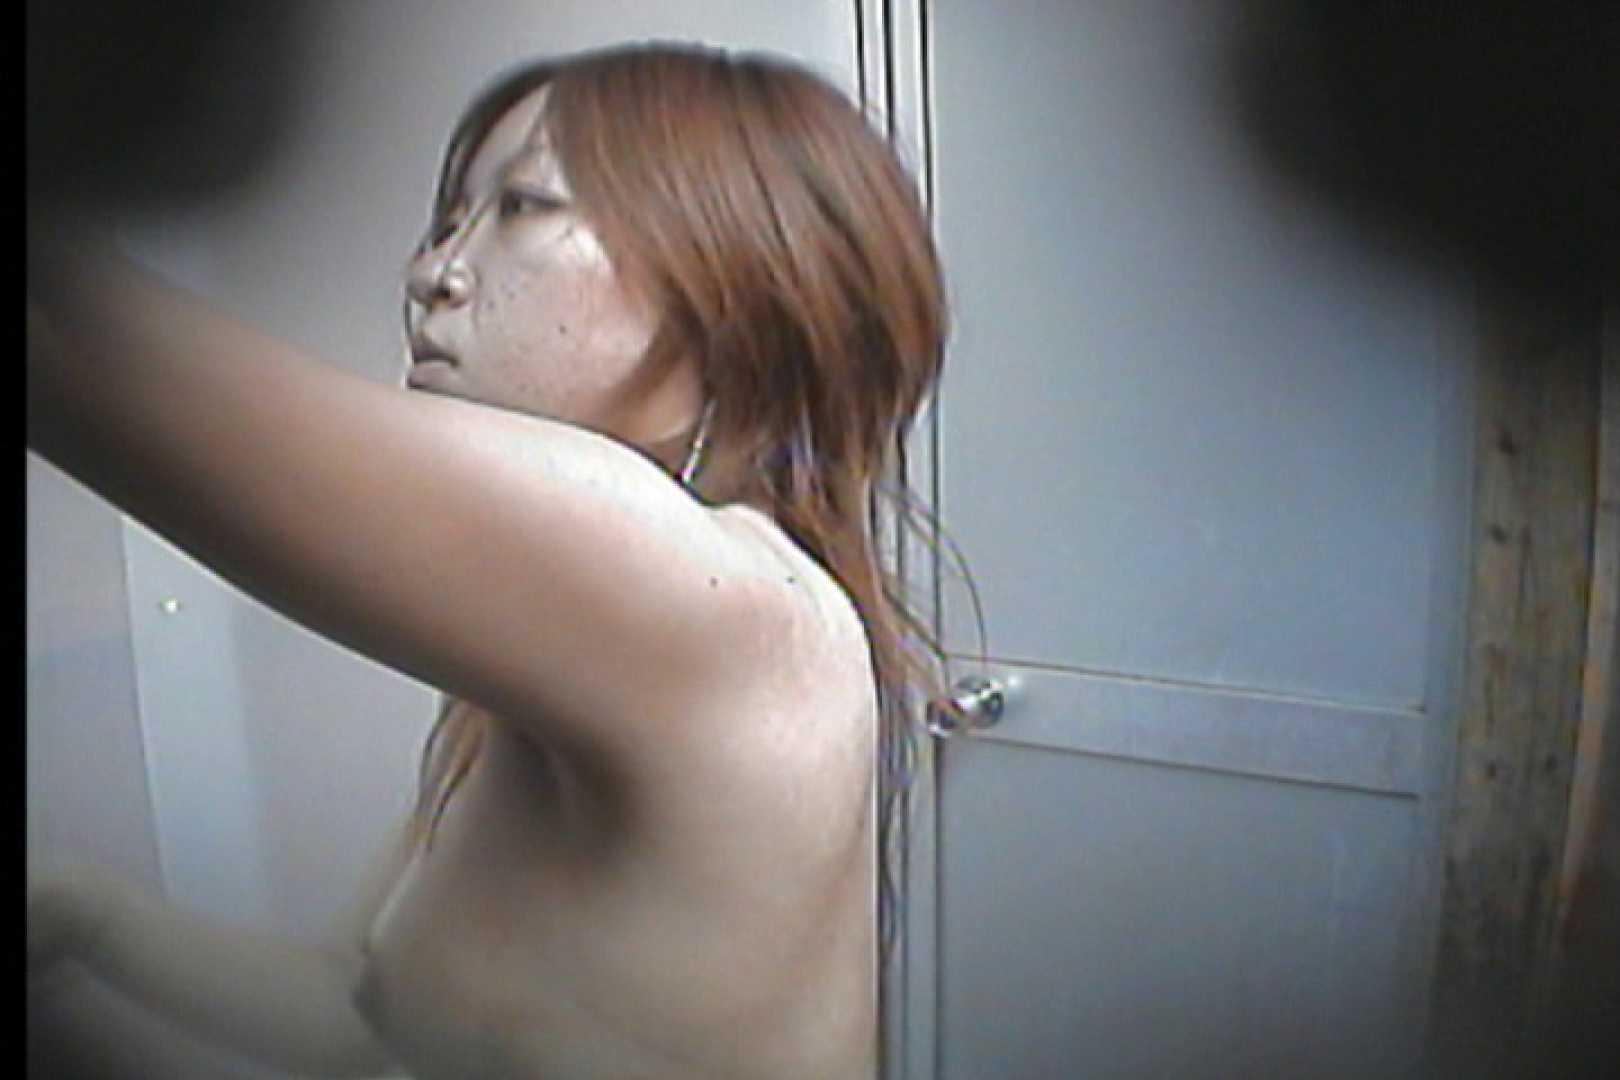 海の家の更衣室 Vol.16 シャワー  73PIX 46